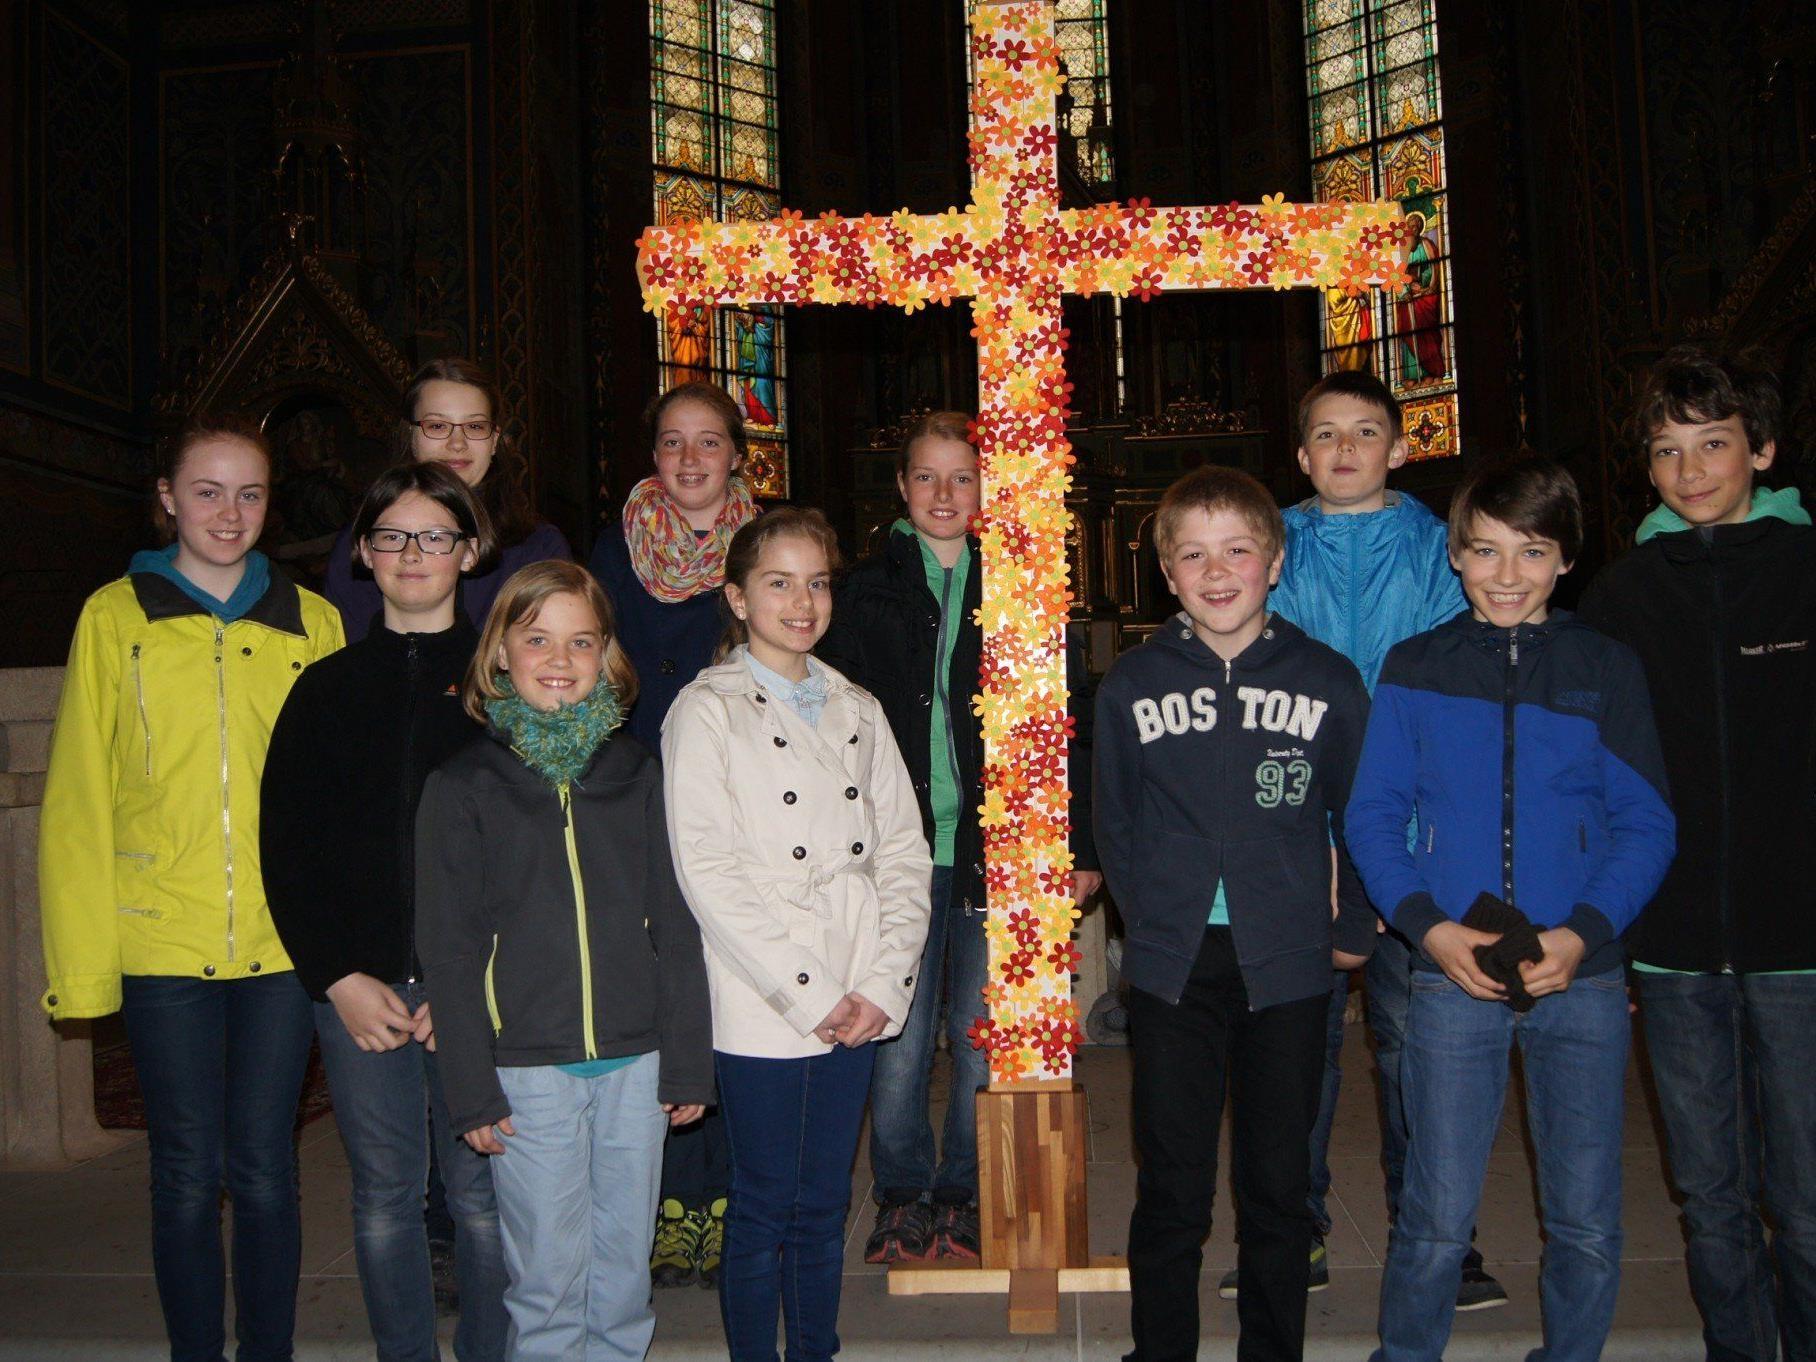 Die Firmlinge aus dem Hatlerdorf gestalteten die Andacht zur Todessunde Jesu am Karfreitag.